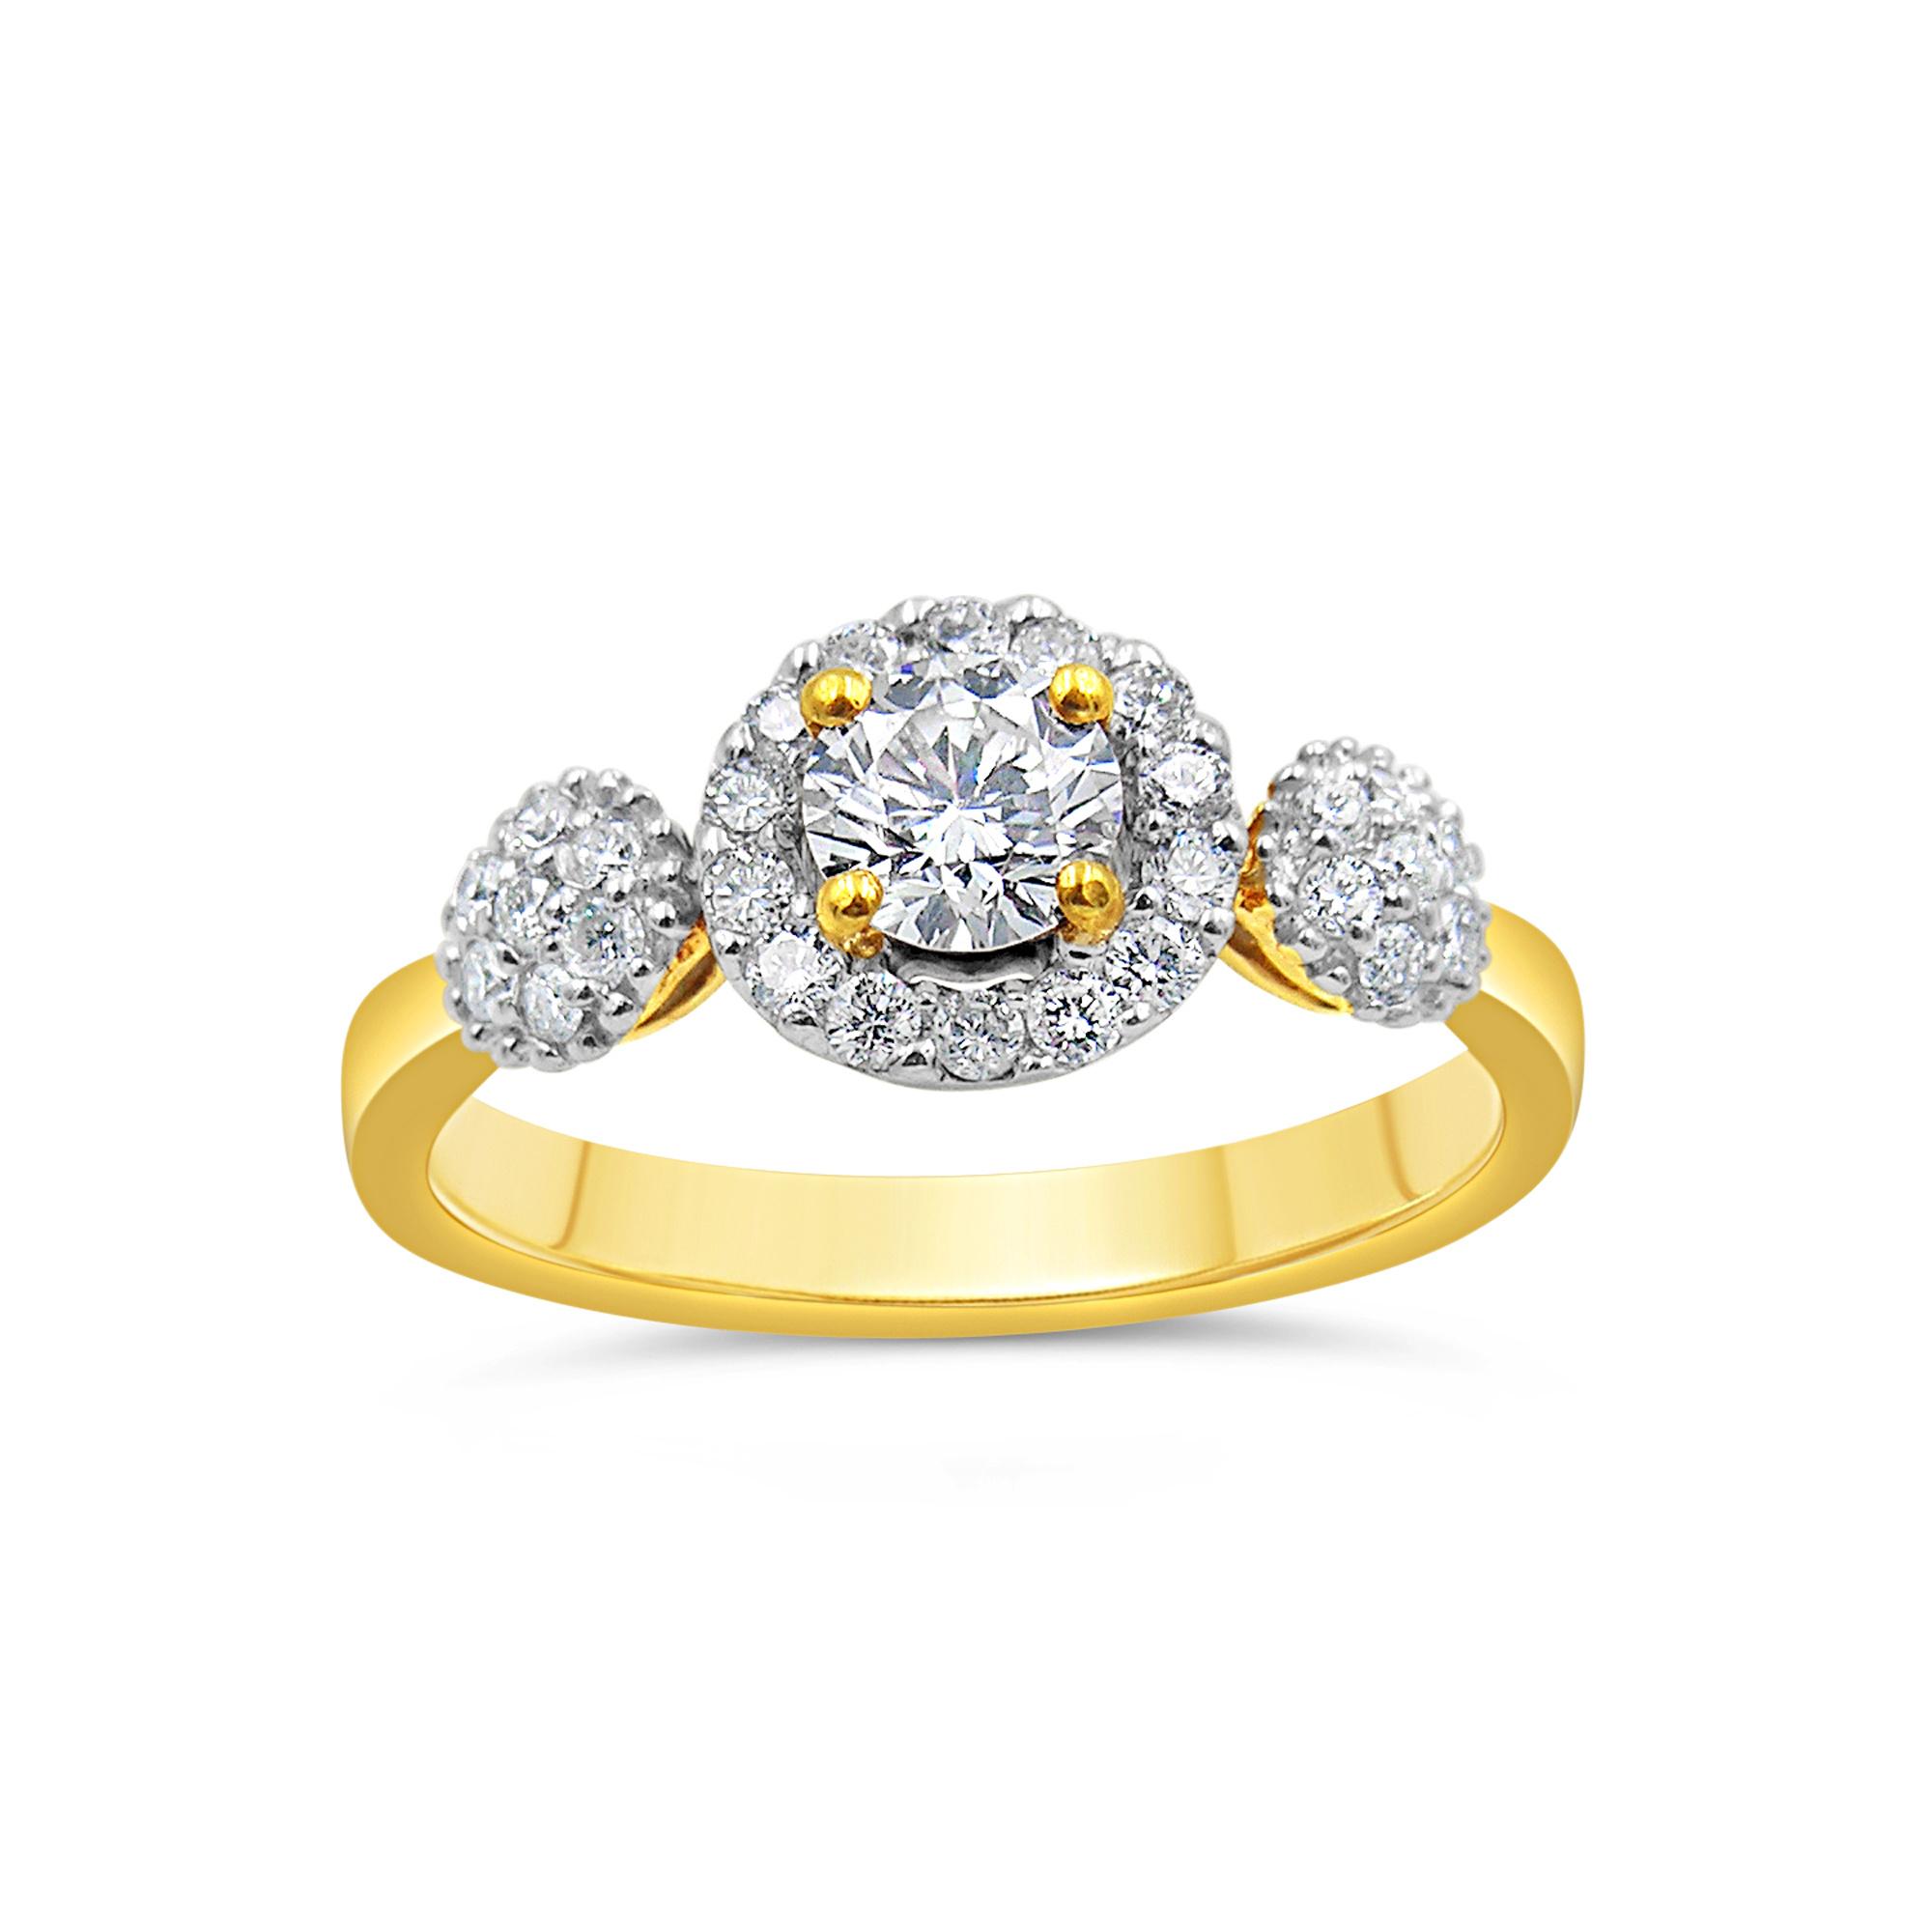 18kt geel goud verlovingsring met 0.73 ct diamanten